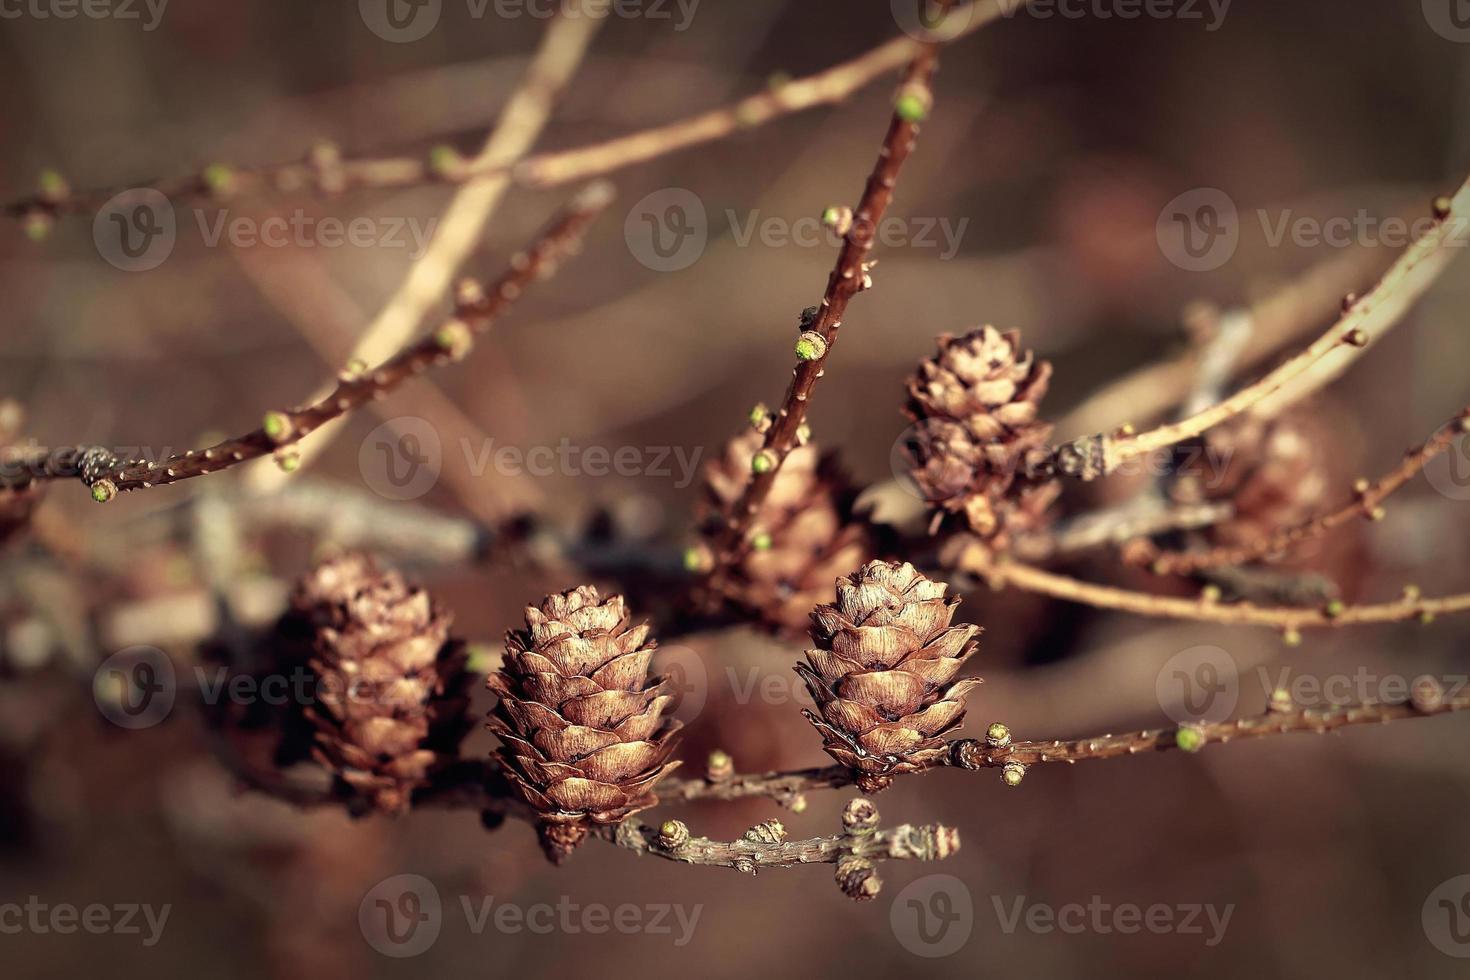 cônes sur le fond de nature bois branche. filtres de couleur rétro photo